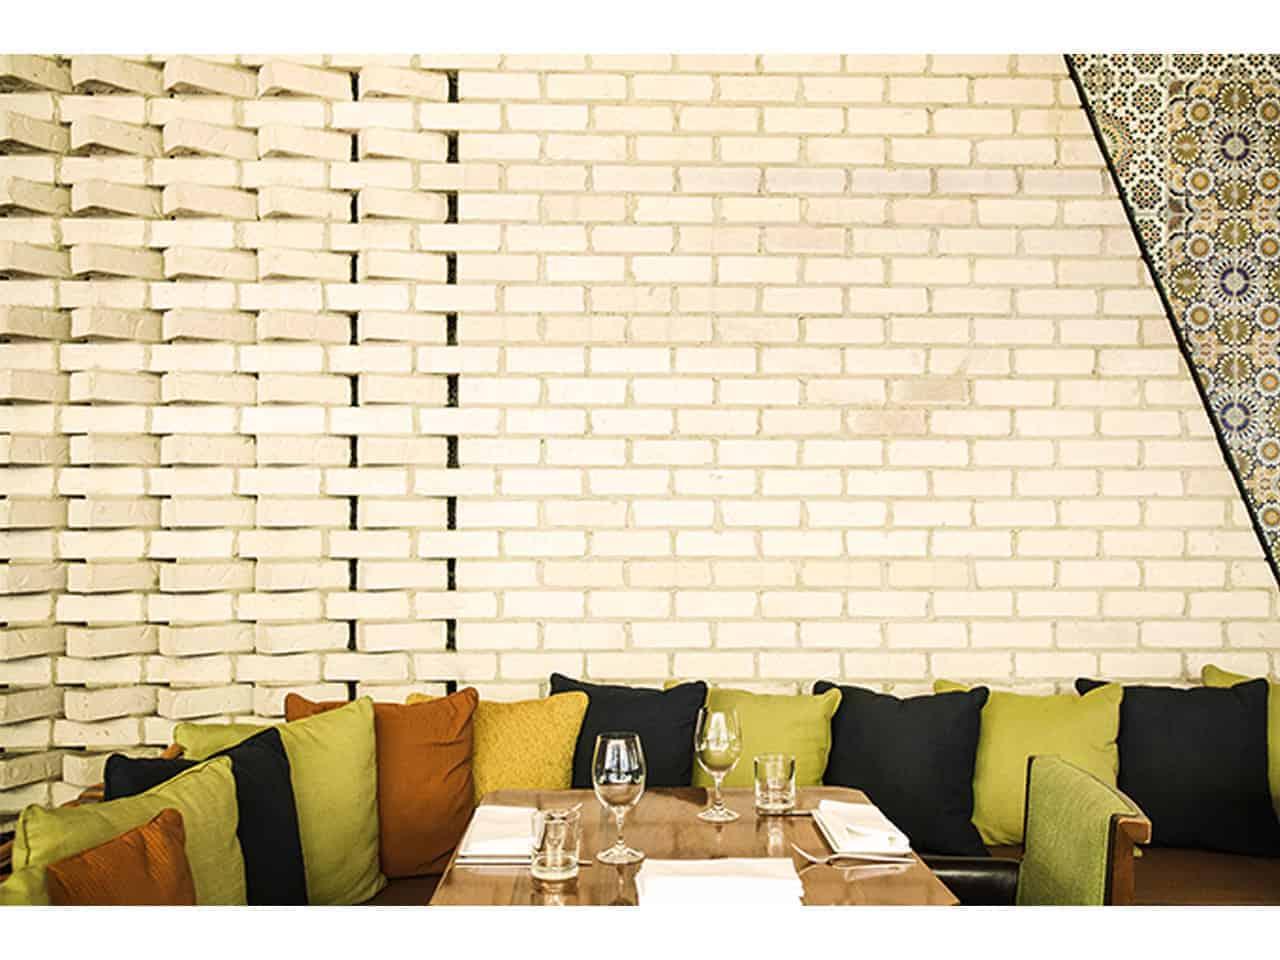 Unique dining space